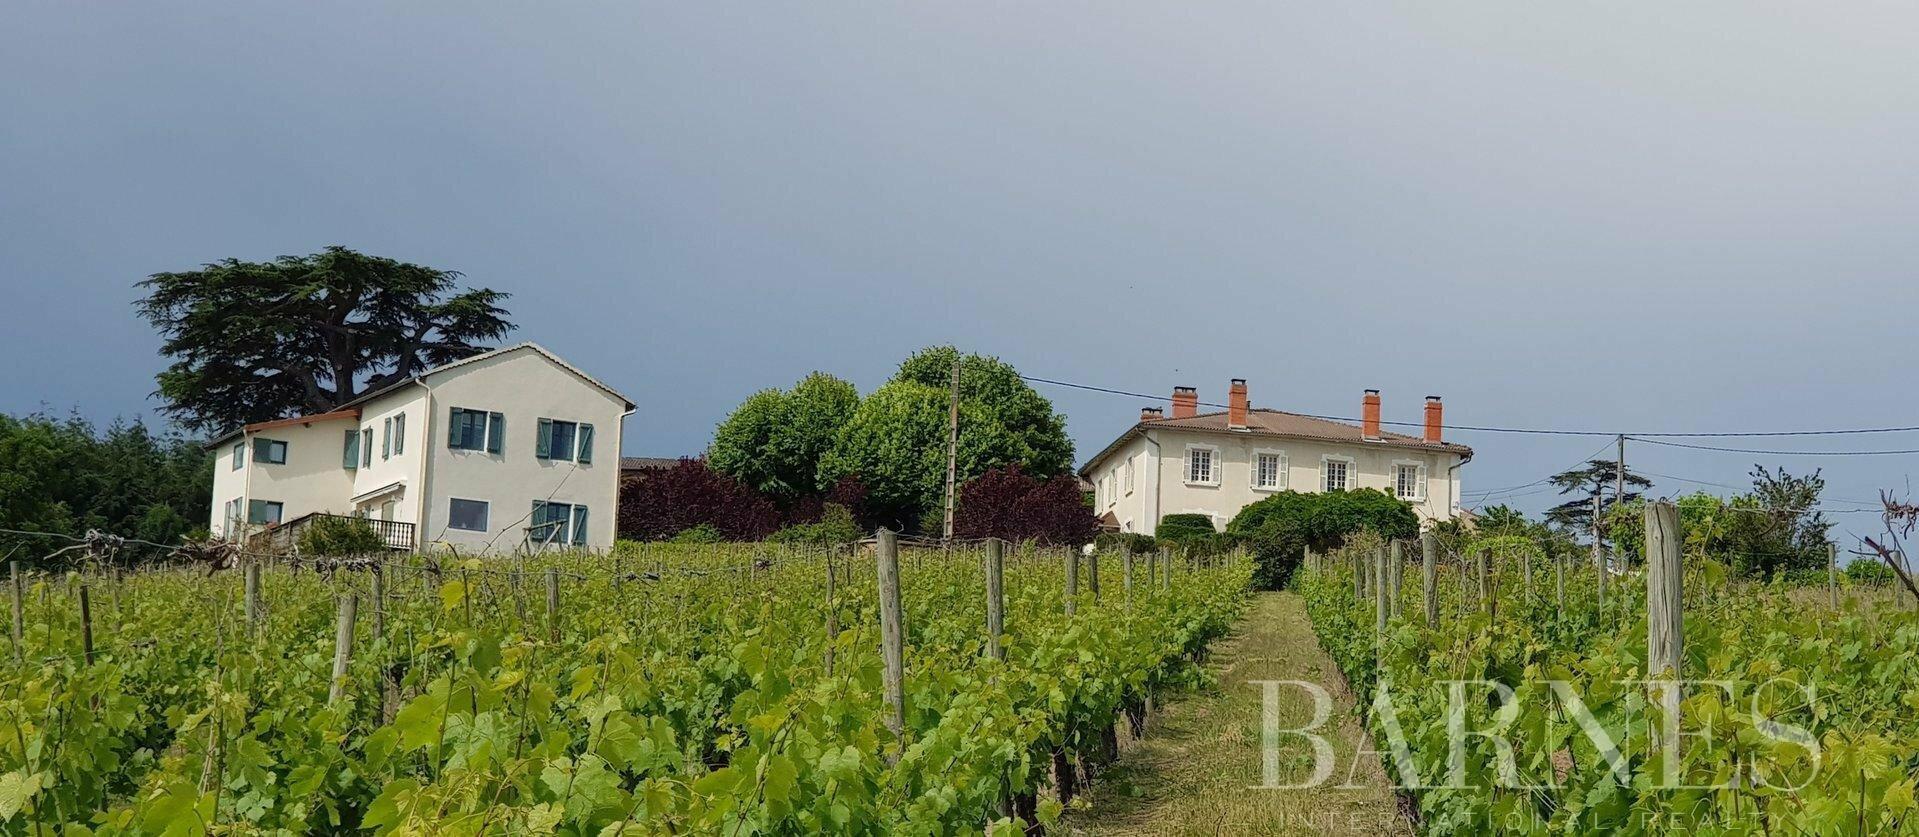 House in Renaison, Auvergne-Rhône-Alpes, France 1